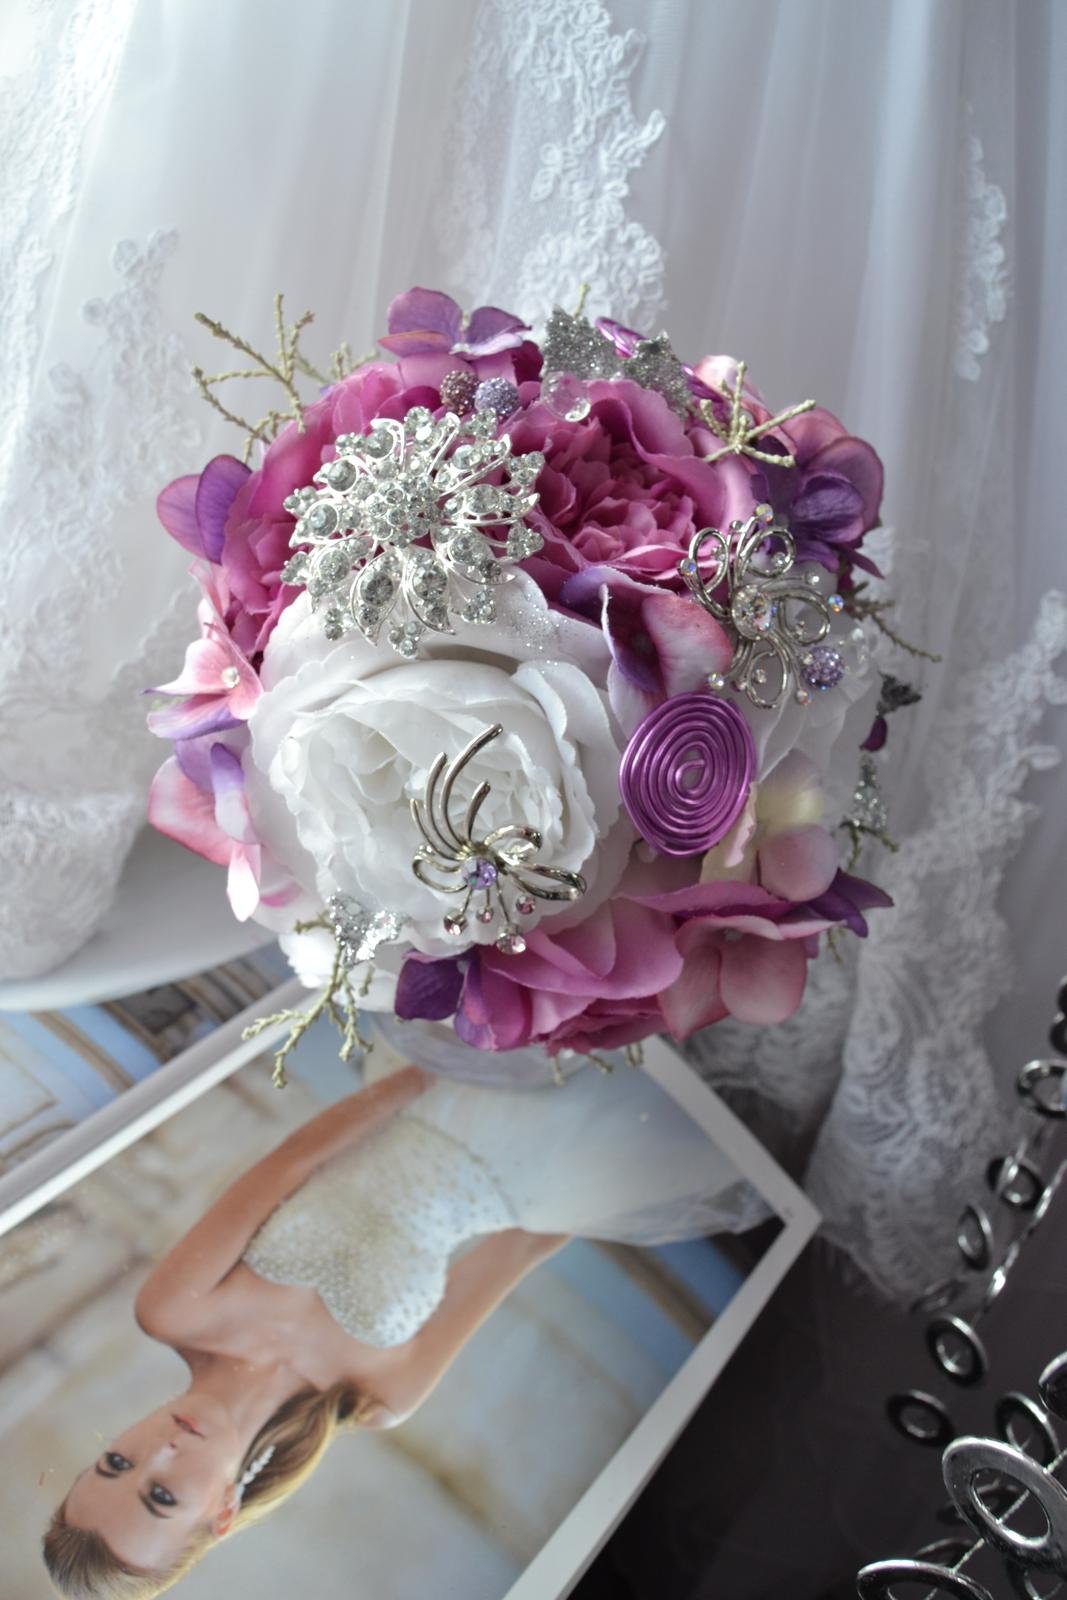 Látkové umělé svatební kytice-info - Obrázek č. 12